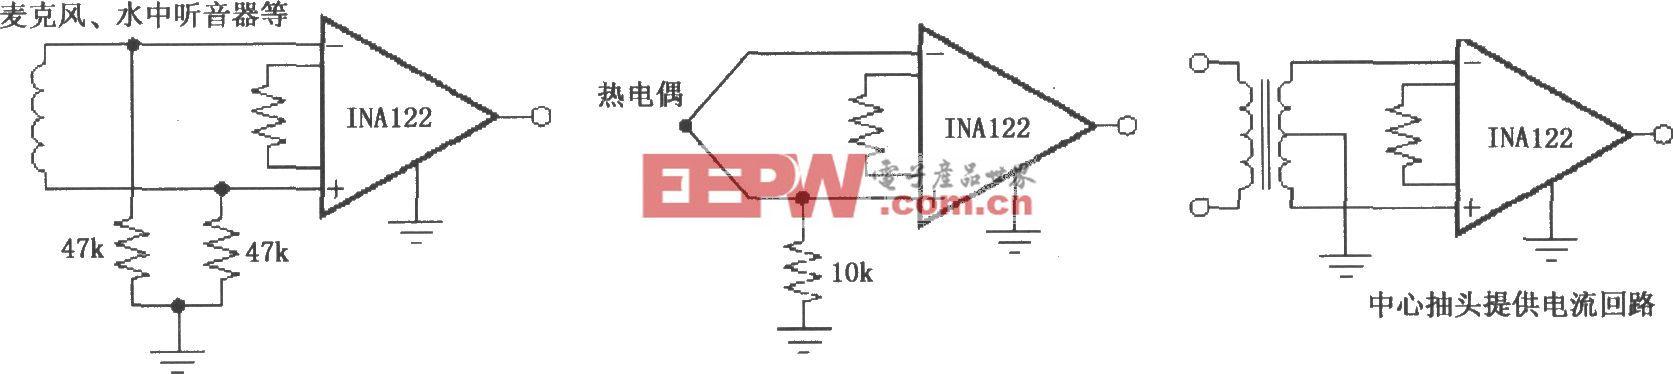 3個典型的INA122提供輸入偏流通路的電路